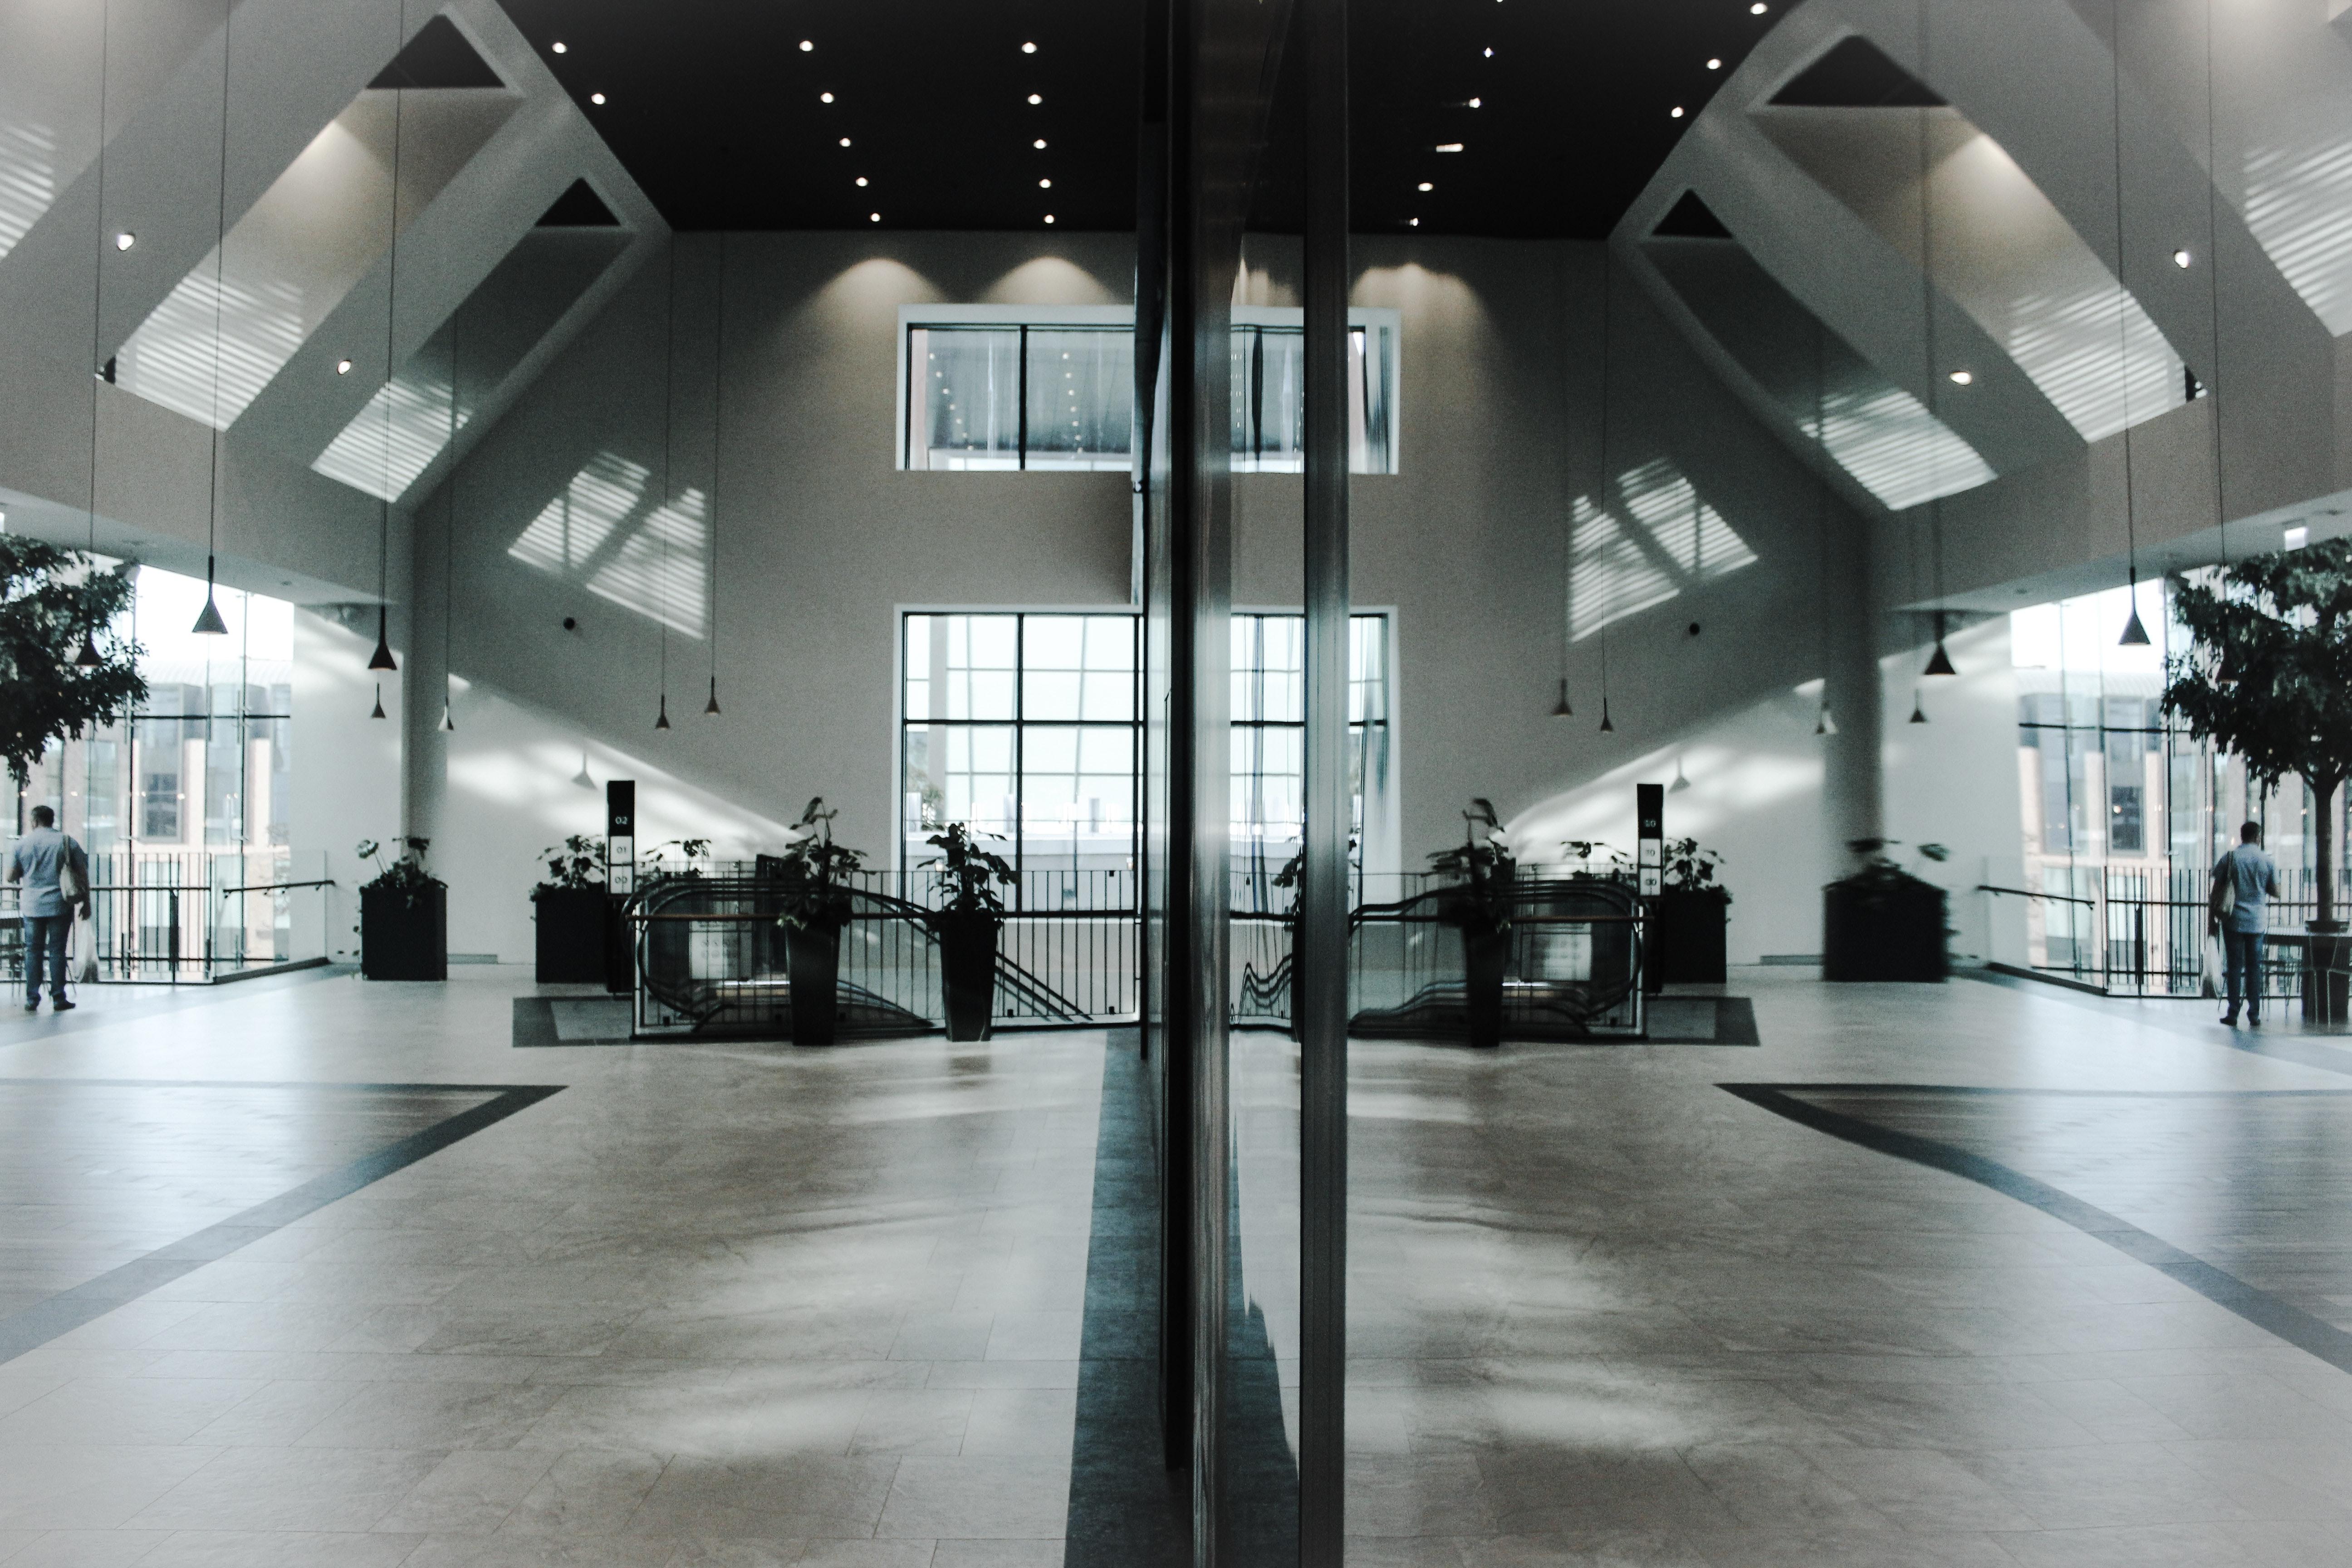 Kostenlose foto : Flughafen, die Architektur, Gebäude, Geschäft ...